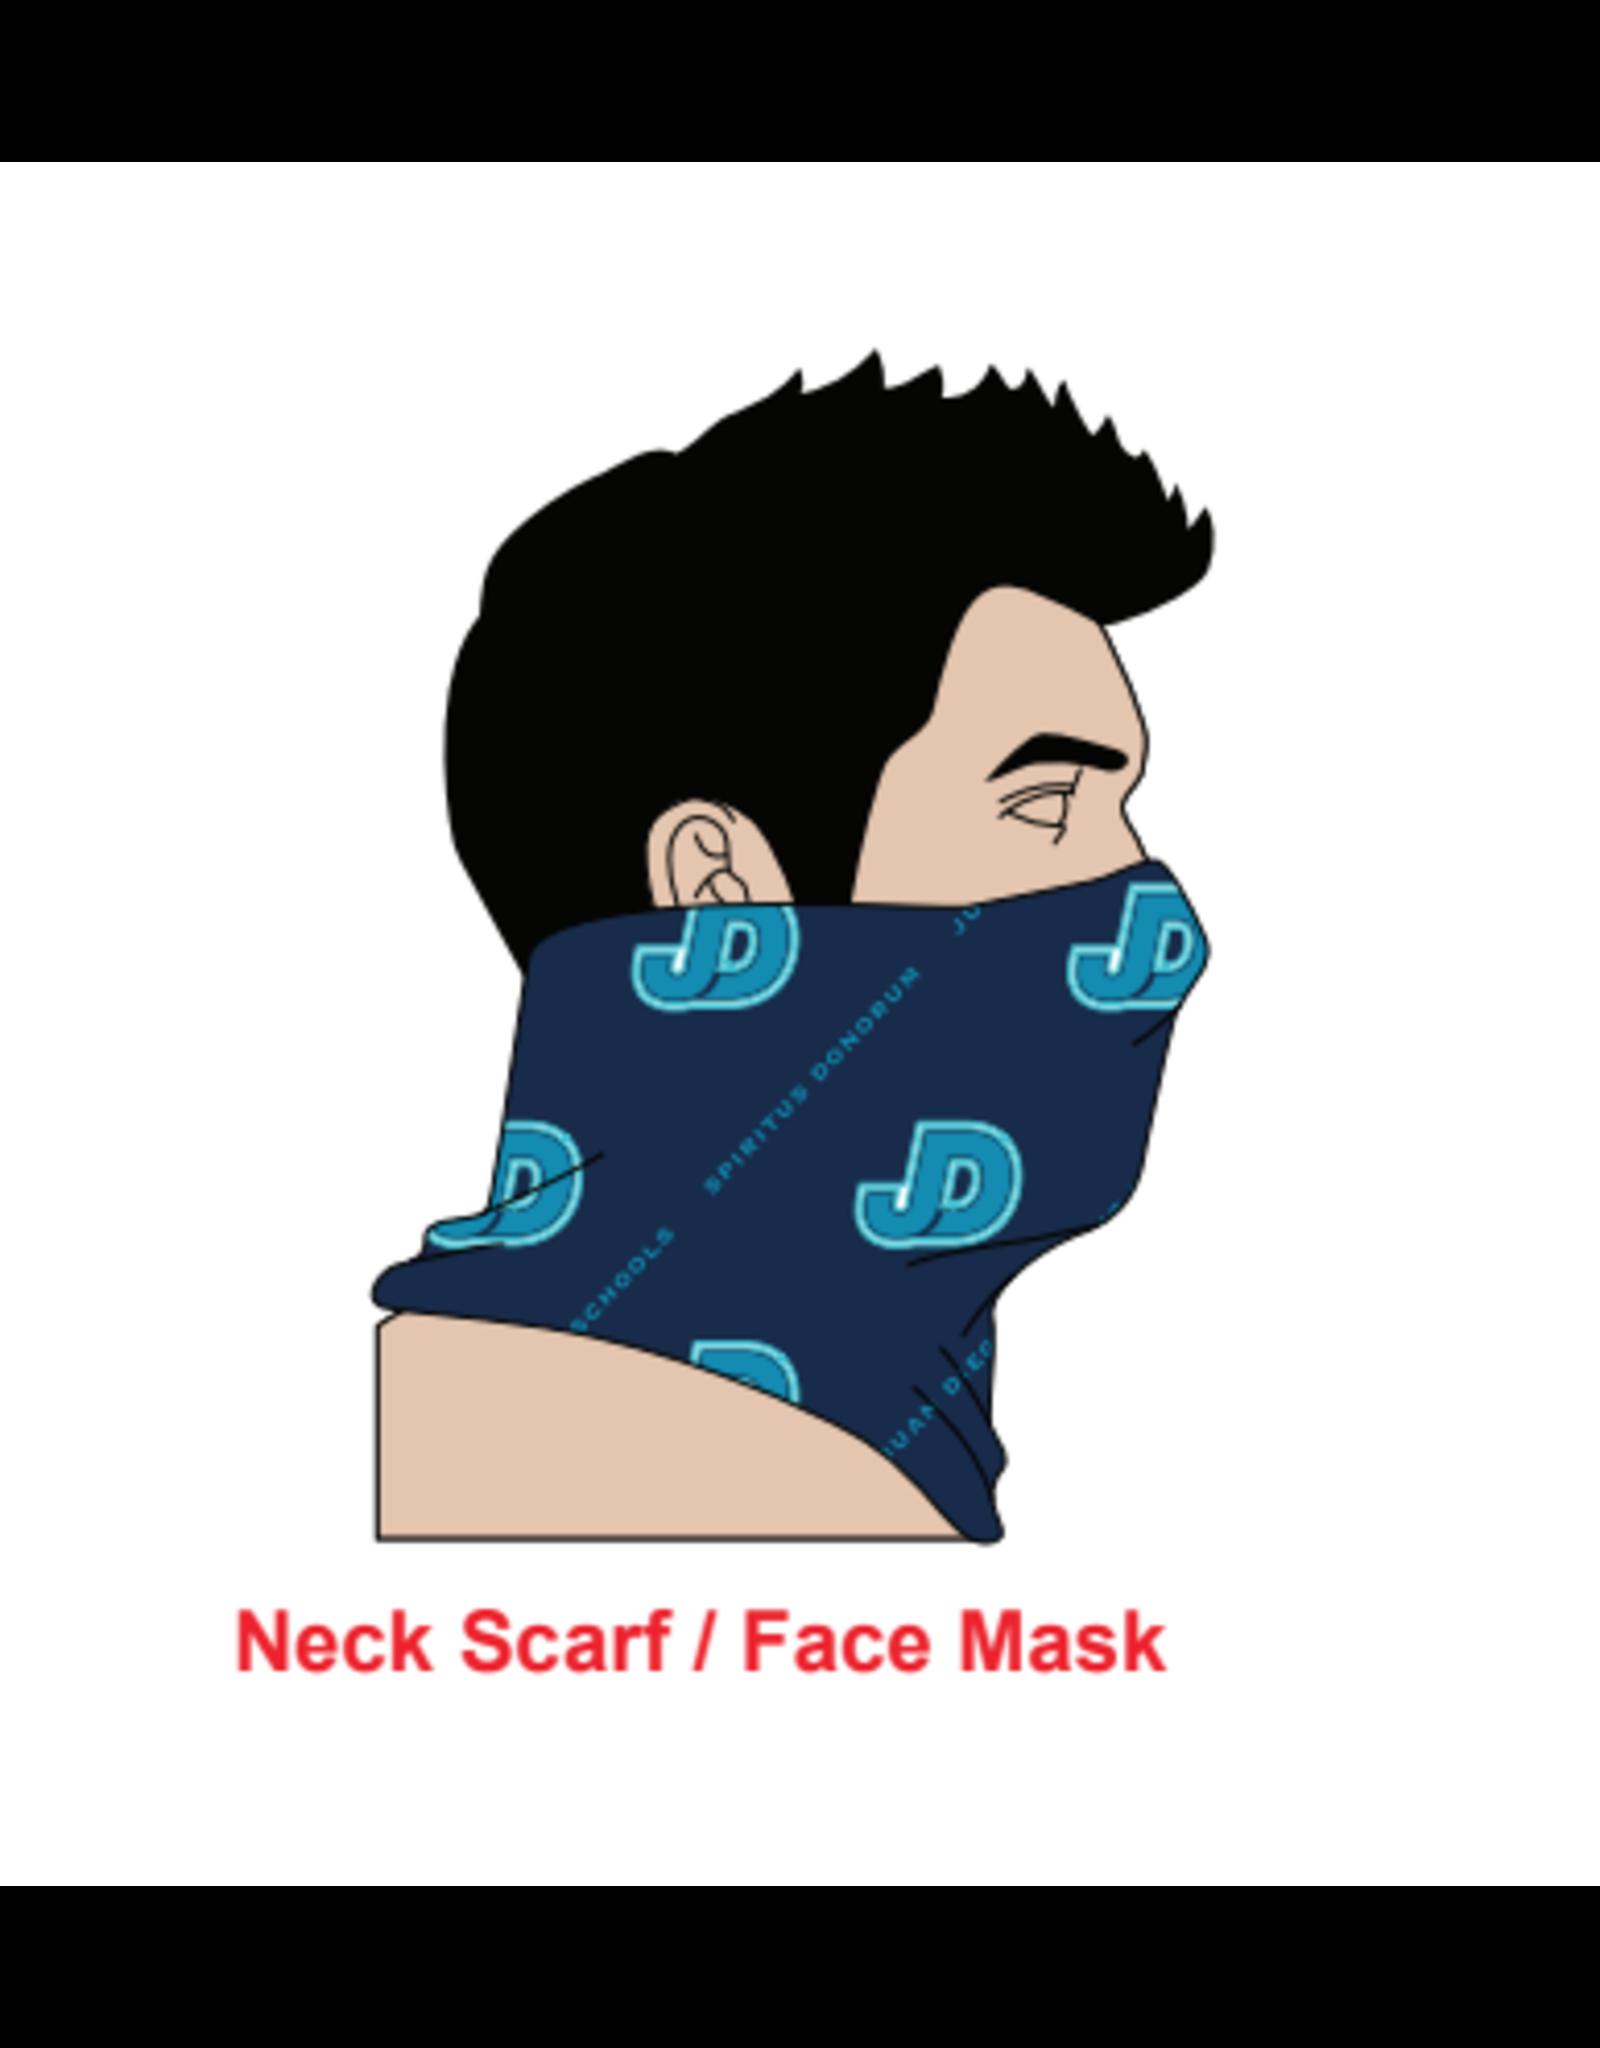 NON-UNIFORM Gaitor - JD Neck Gaitor, mask